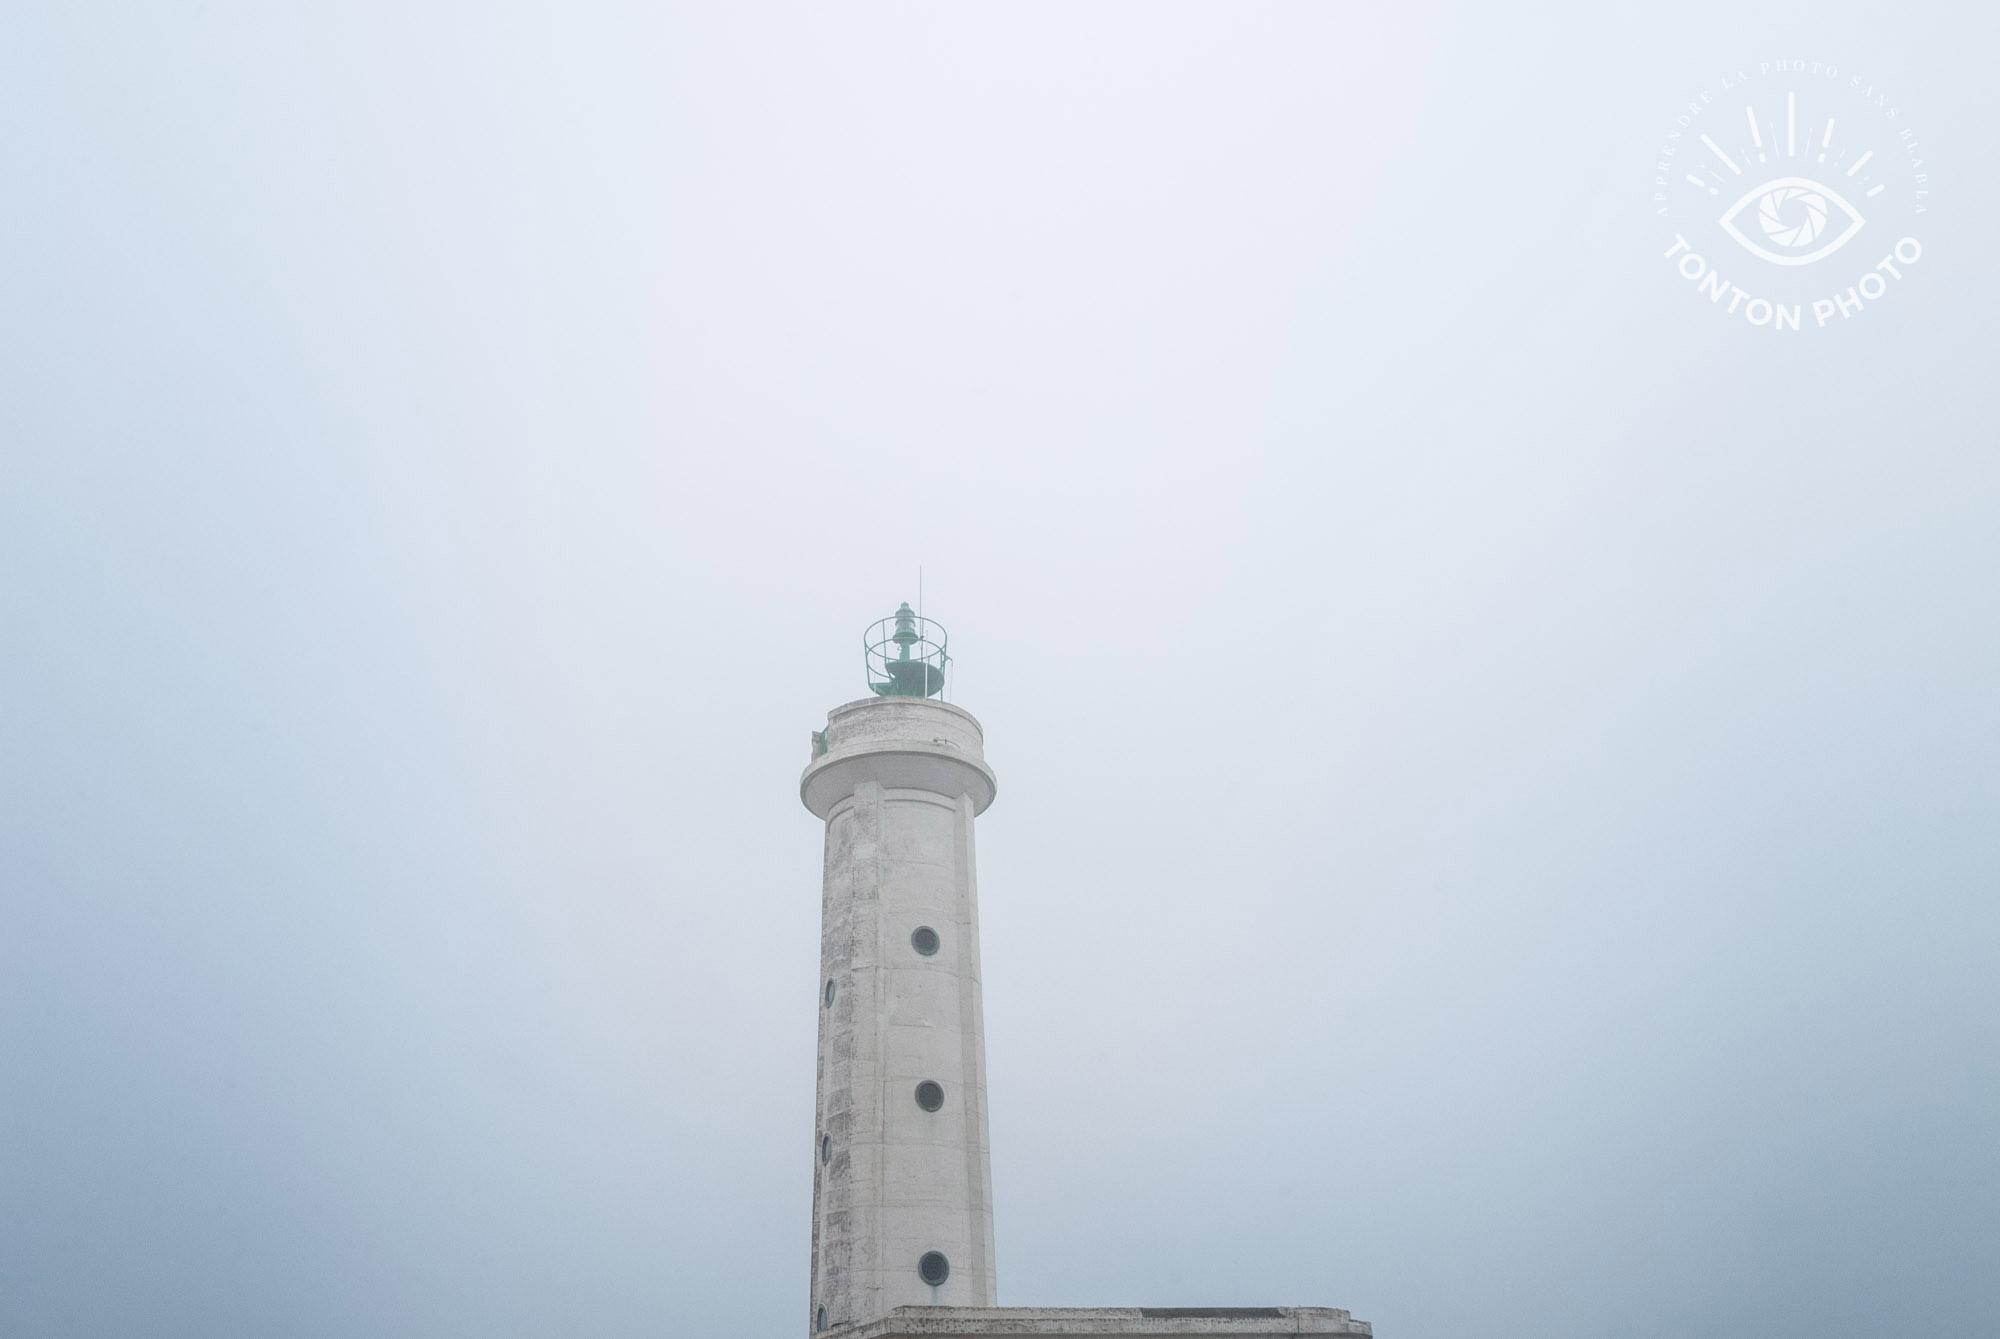 Comment photographier le brouillard ? Phare du Hourdel en Baie de Somme © Clément Racineux / Tonton Photo